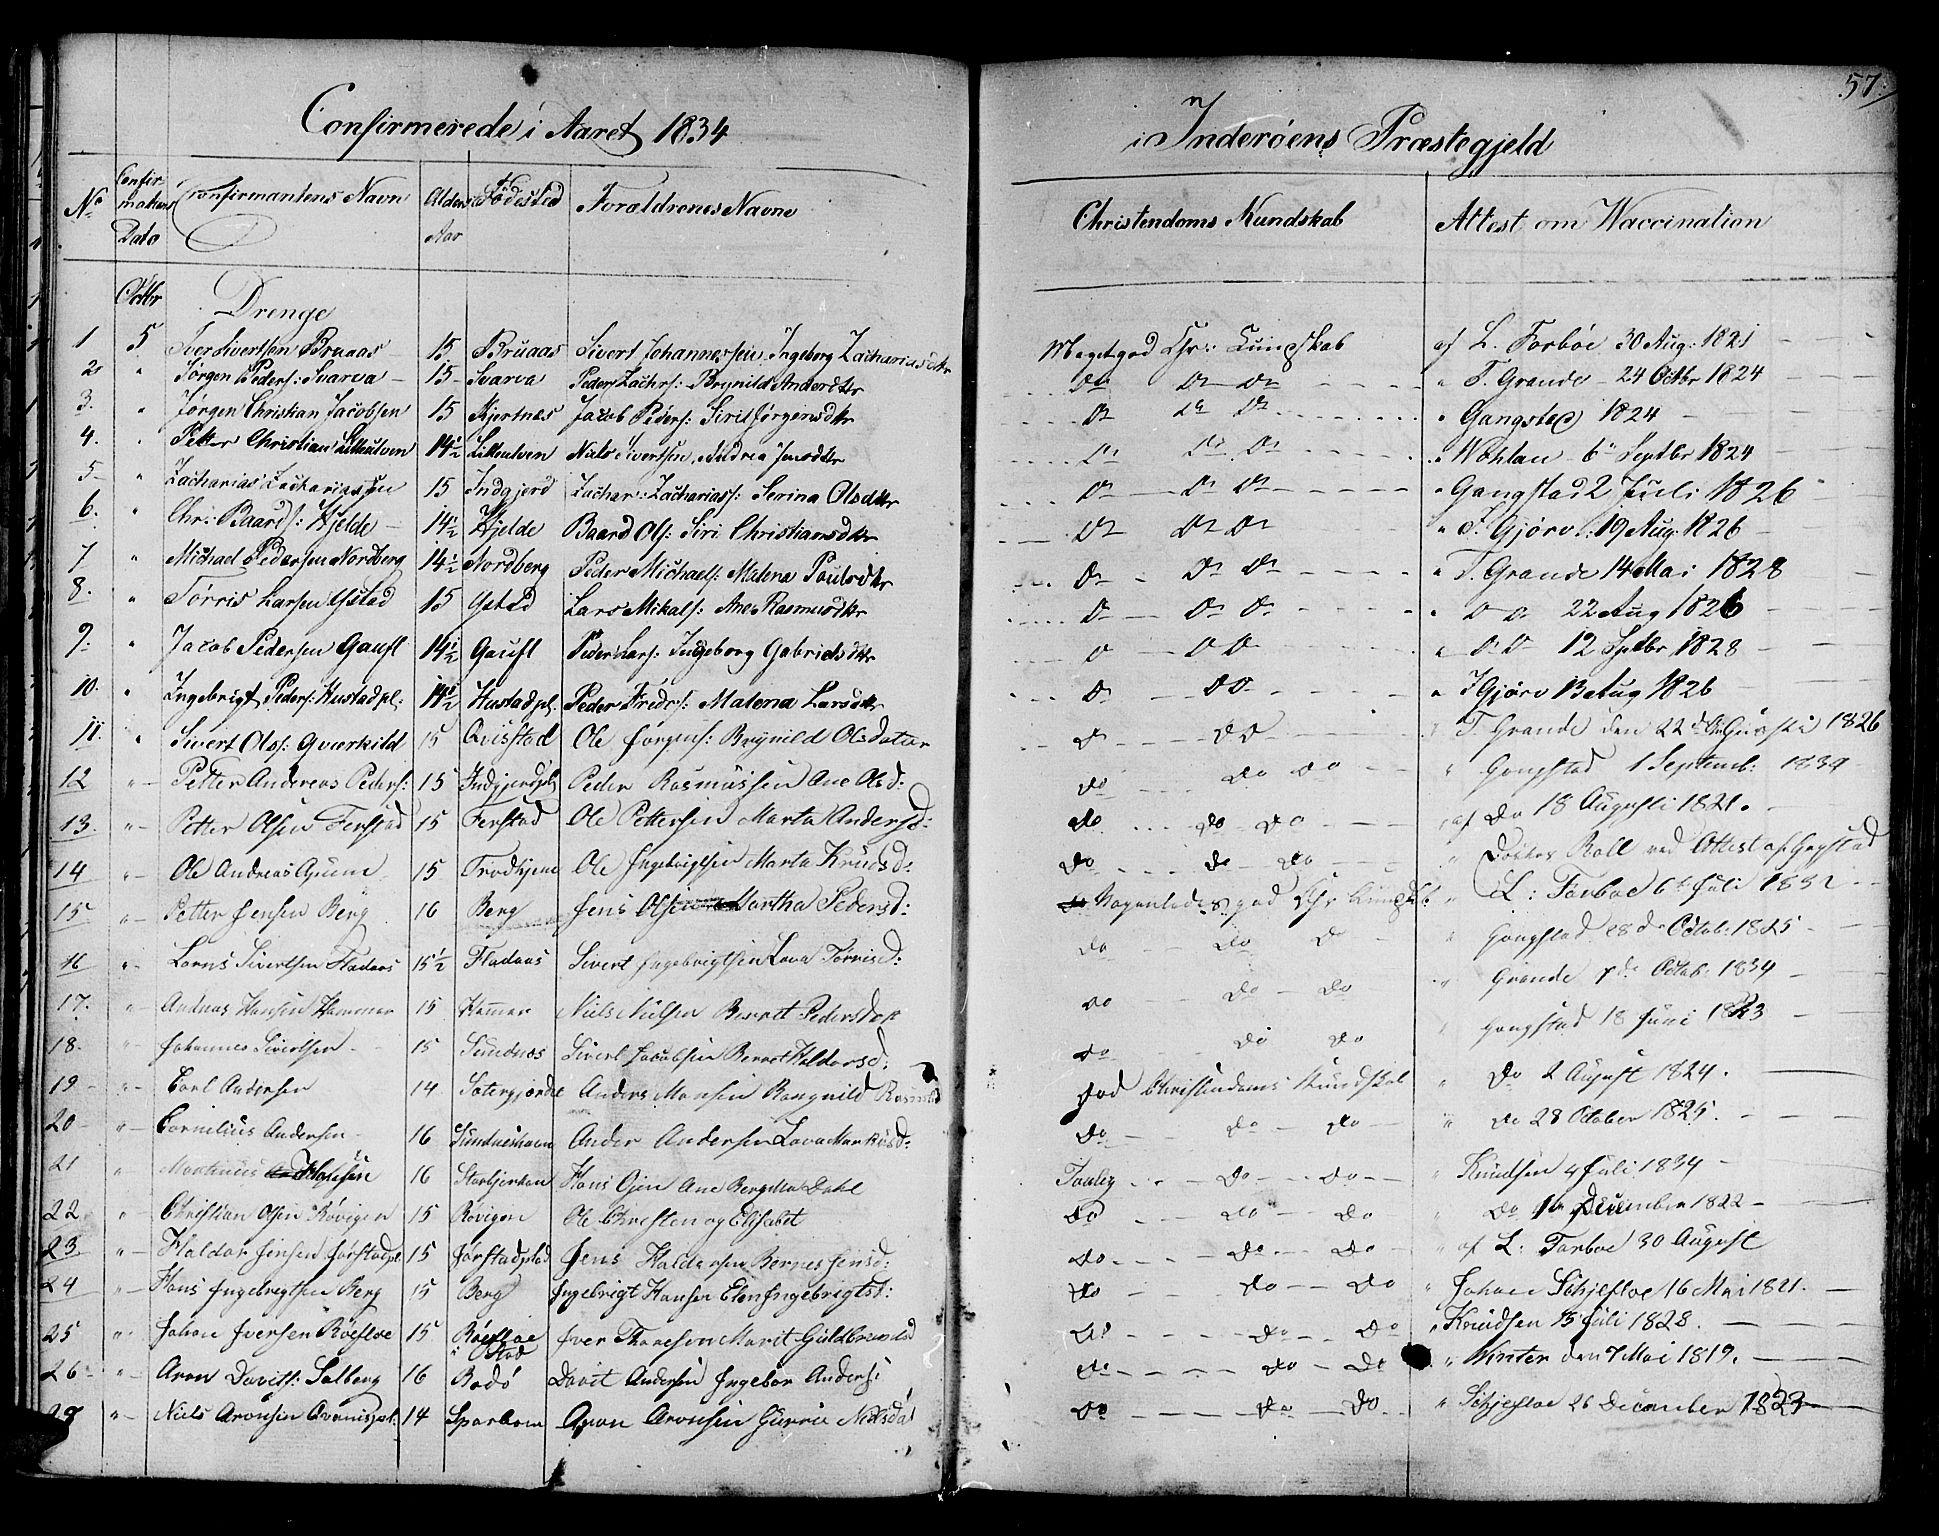 SAT, Ministerialprotokoller, klokkerbøker og fødselsregistre - Nord-Trøndelag, 730/L0277: Ministerialbok nr. 730A06 /1, 1830-1839, s. 57